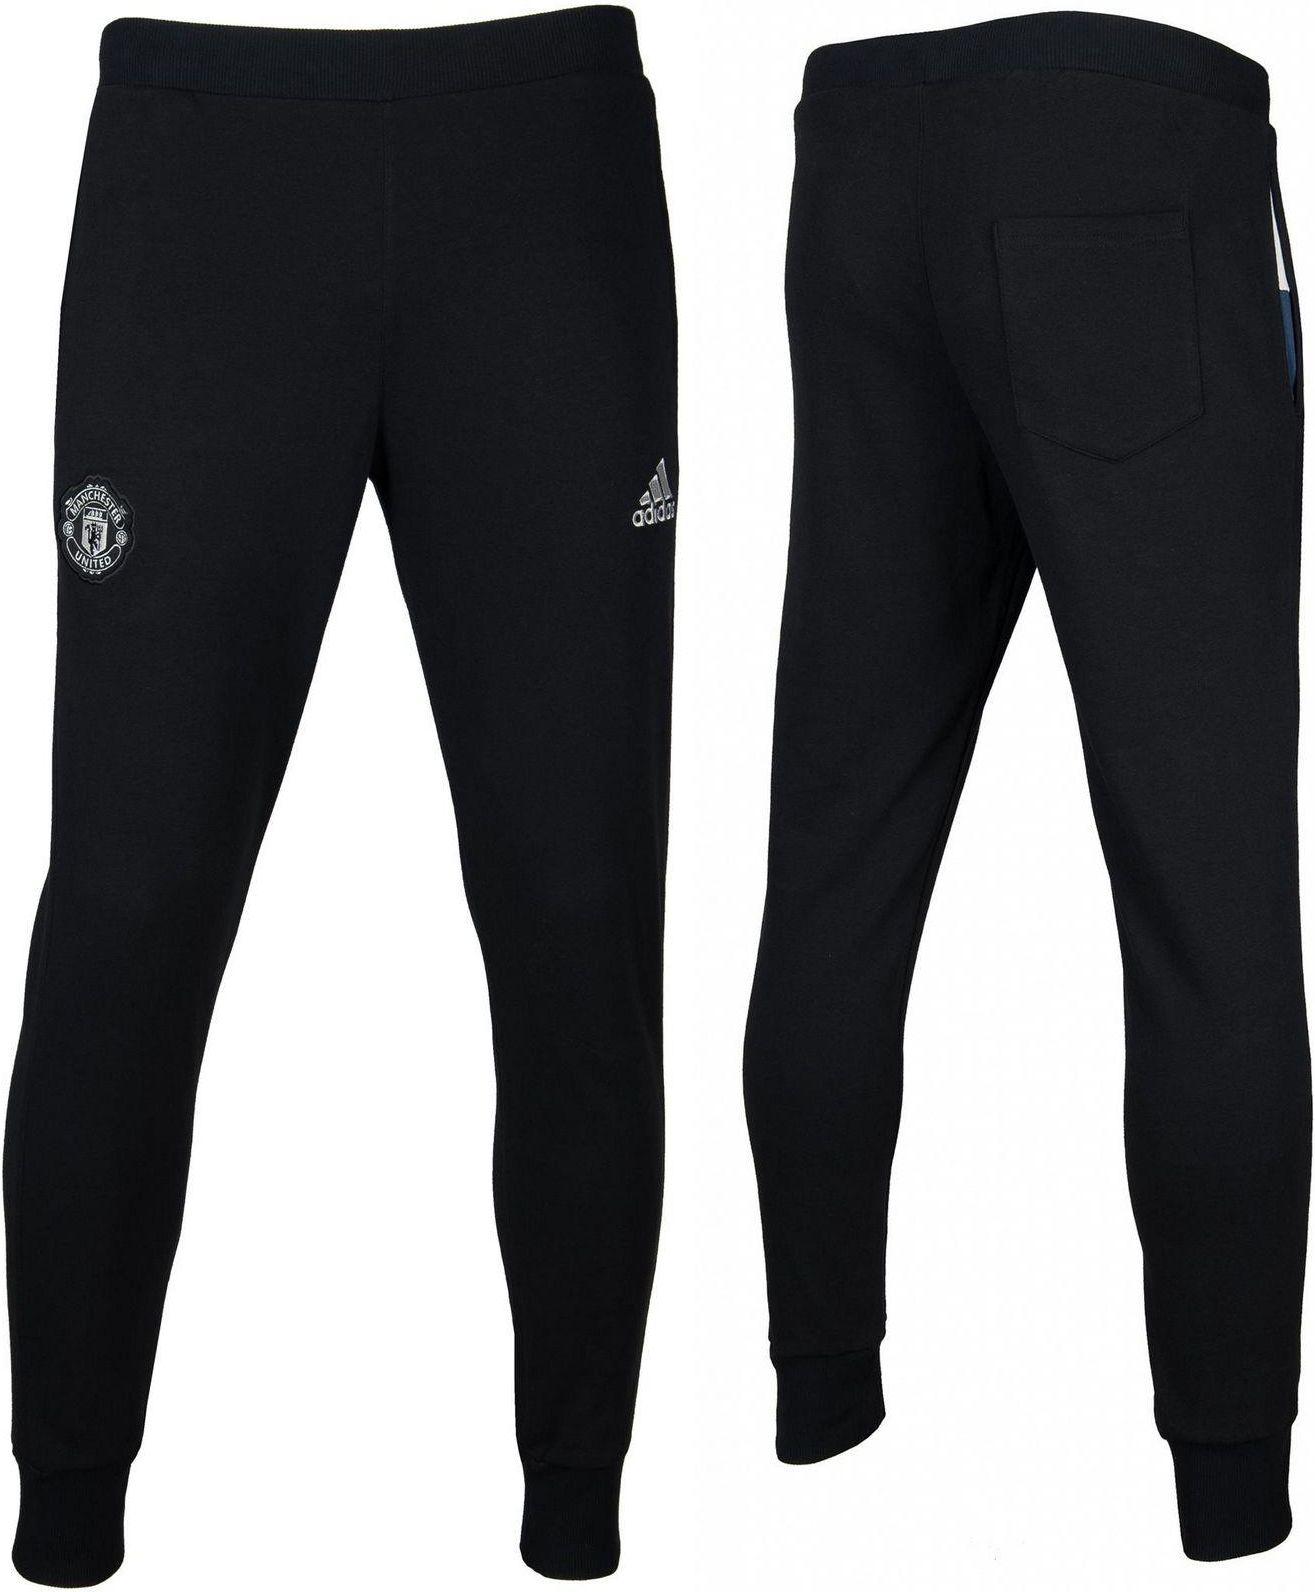 Spodnie treningowe Dziecko adidas Manchester United Training Pants Ceny i opinie Ceneo.pl